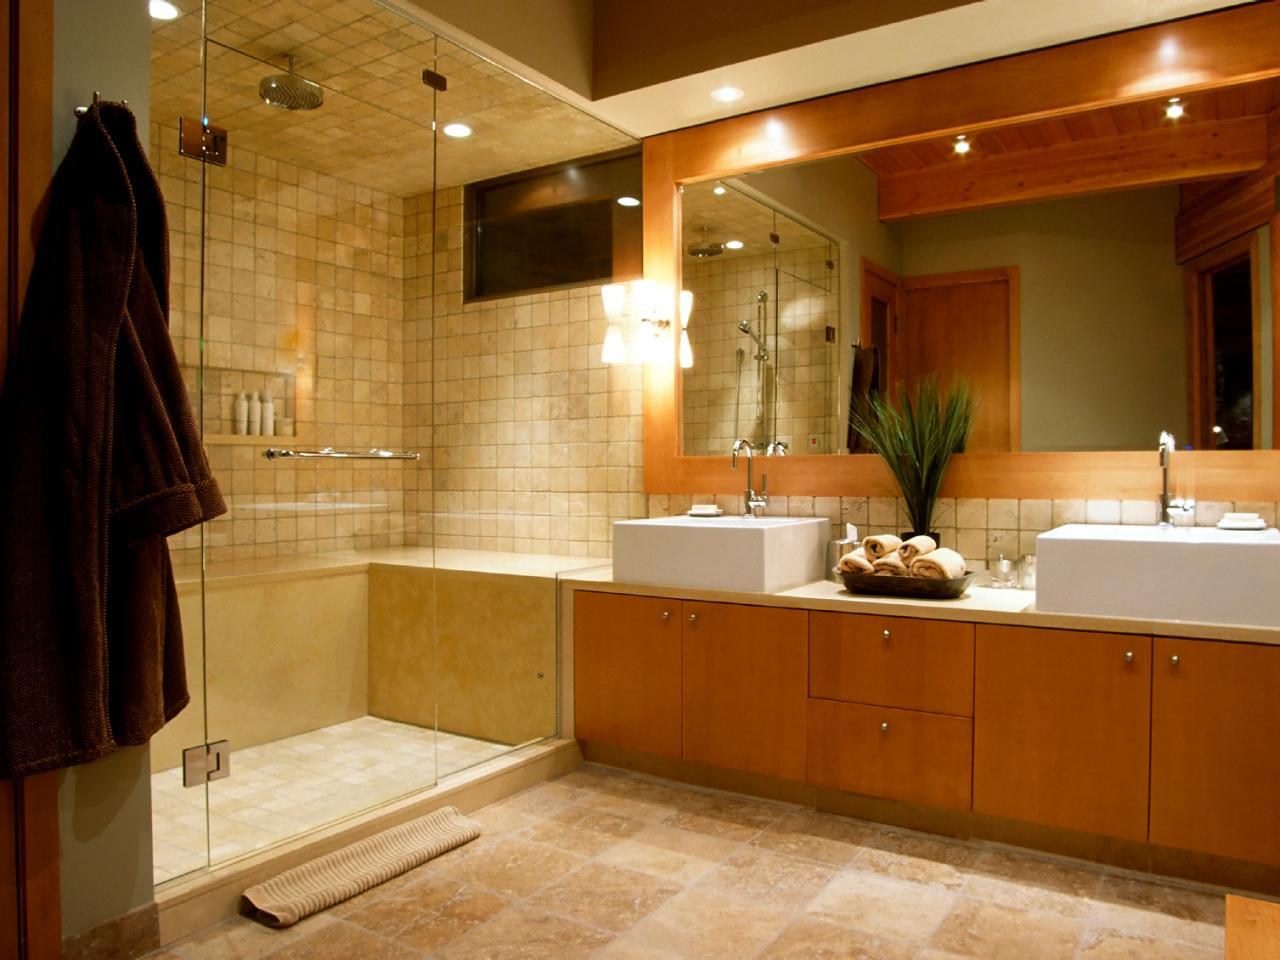 Iluminação ideal para banheiro: claro com spots